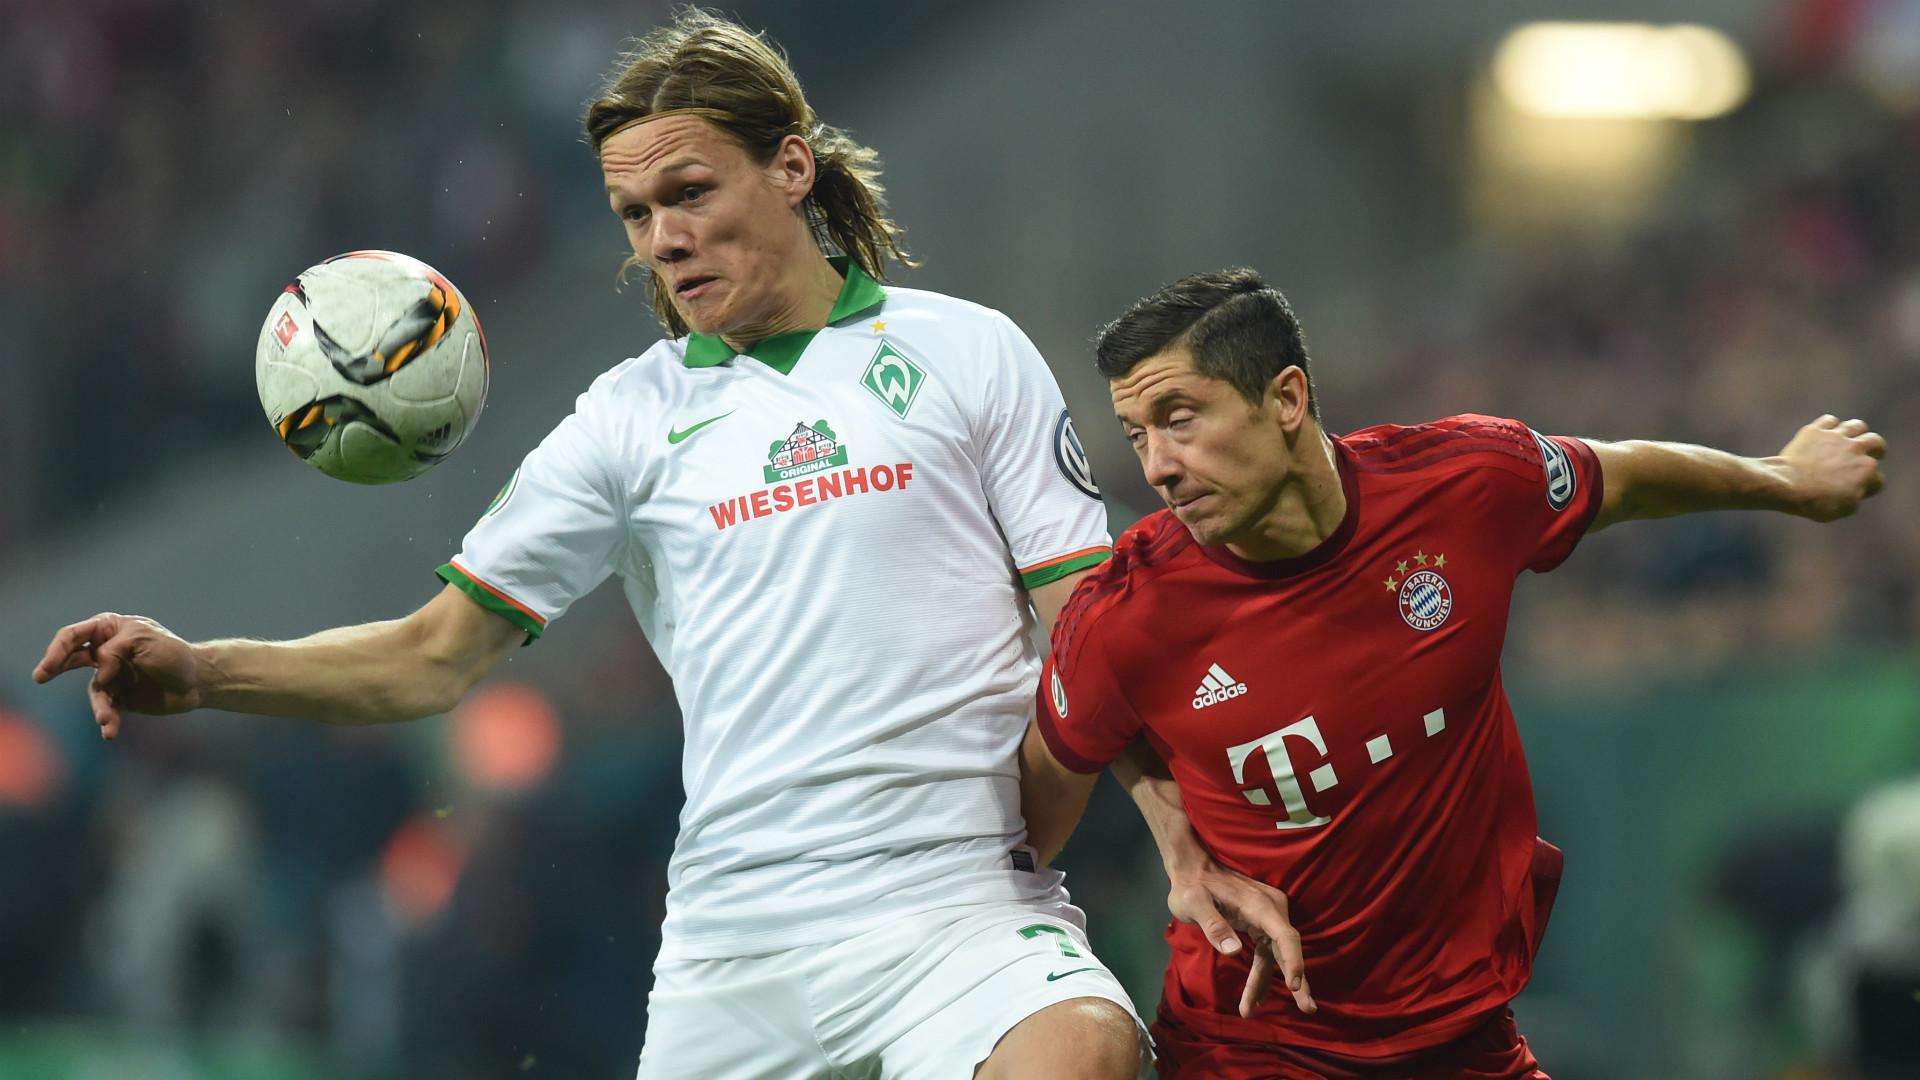 Robert Lewandowski Jannik Vestergaard FC Bayern Munchen Werder Bremen DFB Pokal 19042016